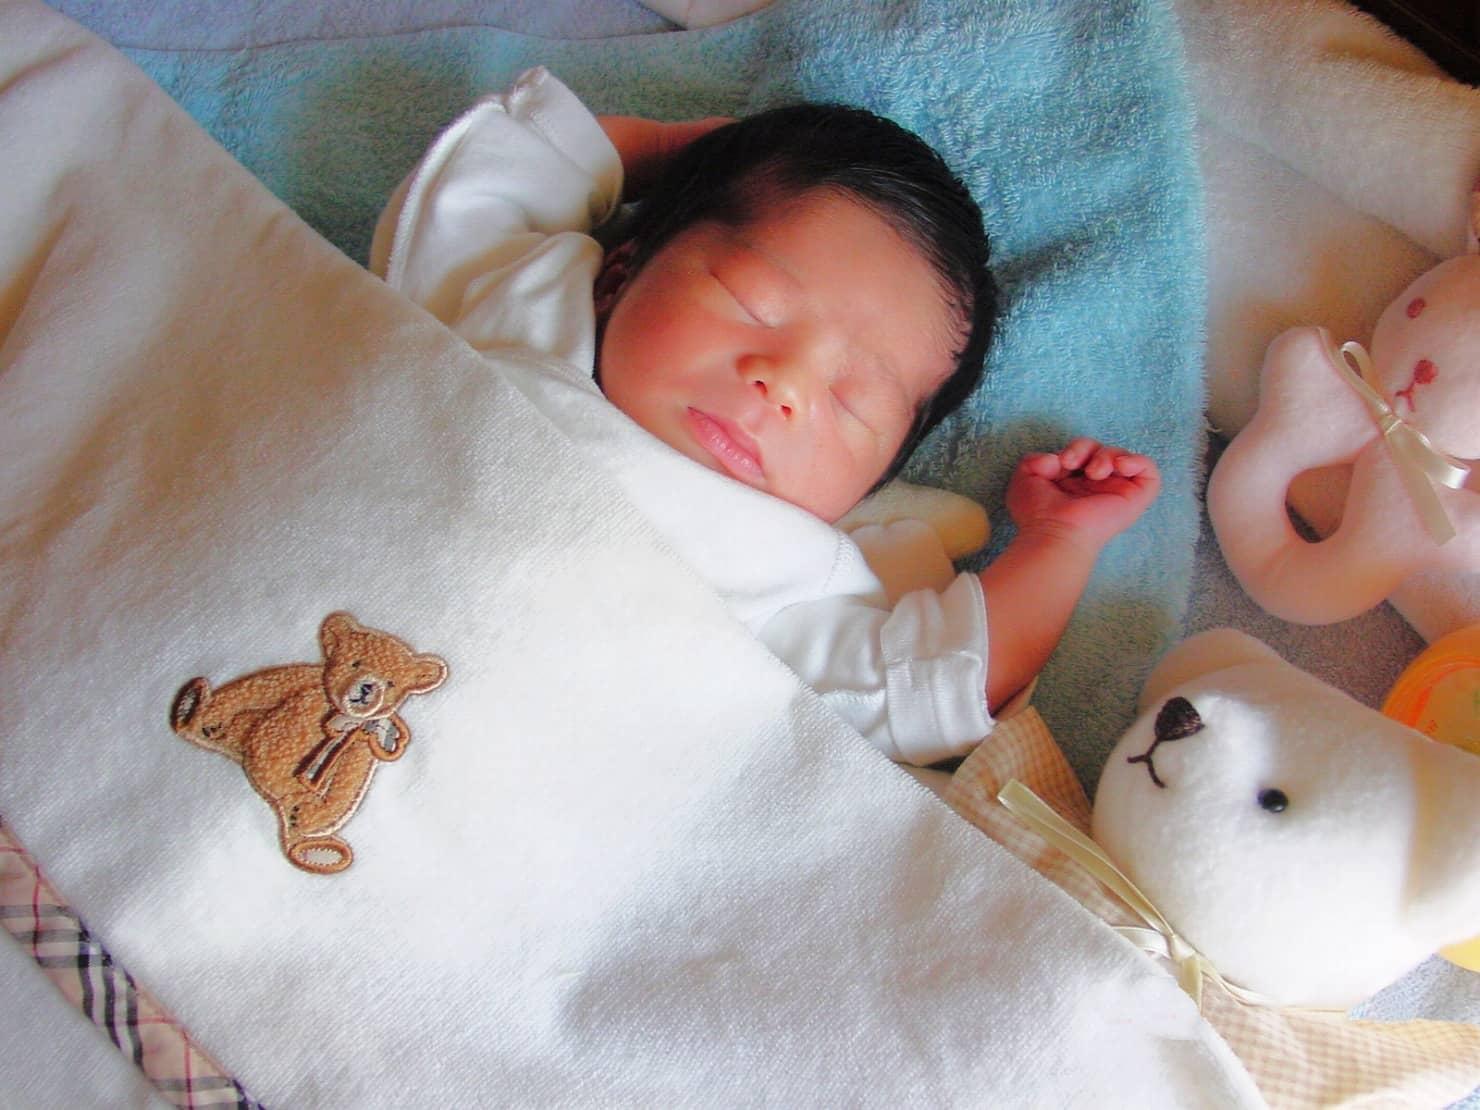 赤ちゃんの絶壁や吐き戻し防止に使える枕はある? タオル枕は危ないの?